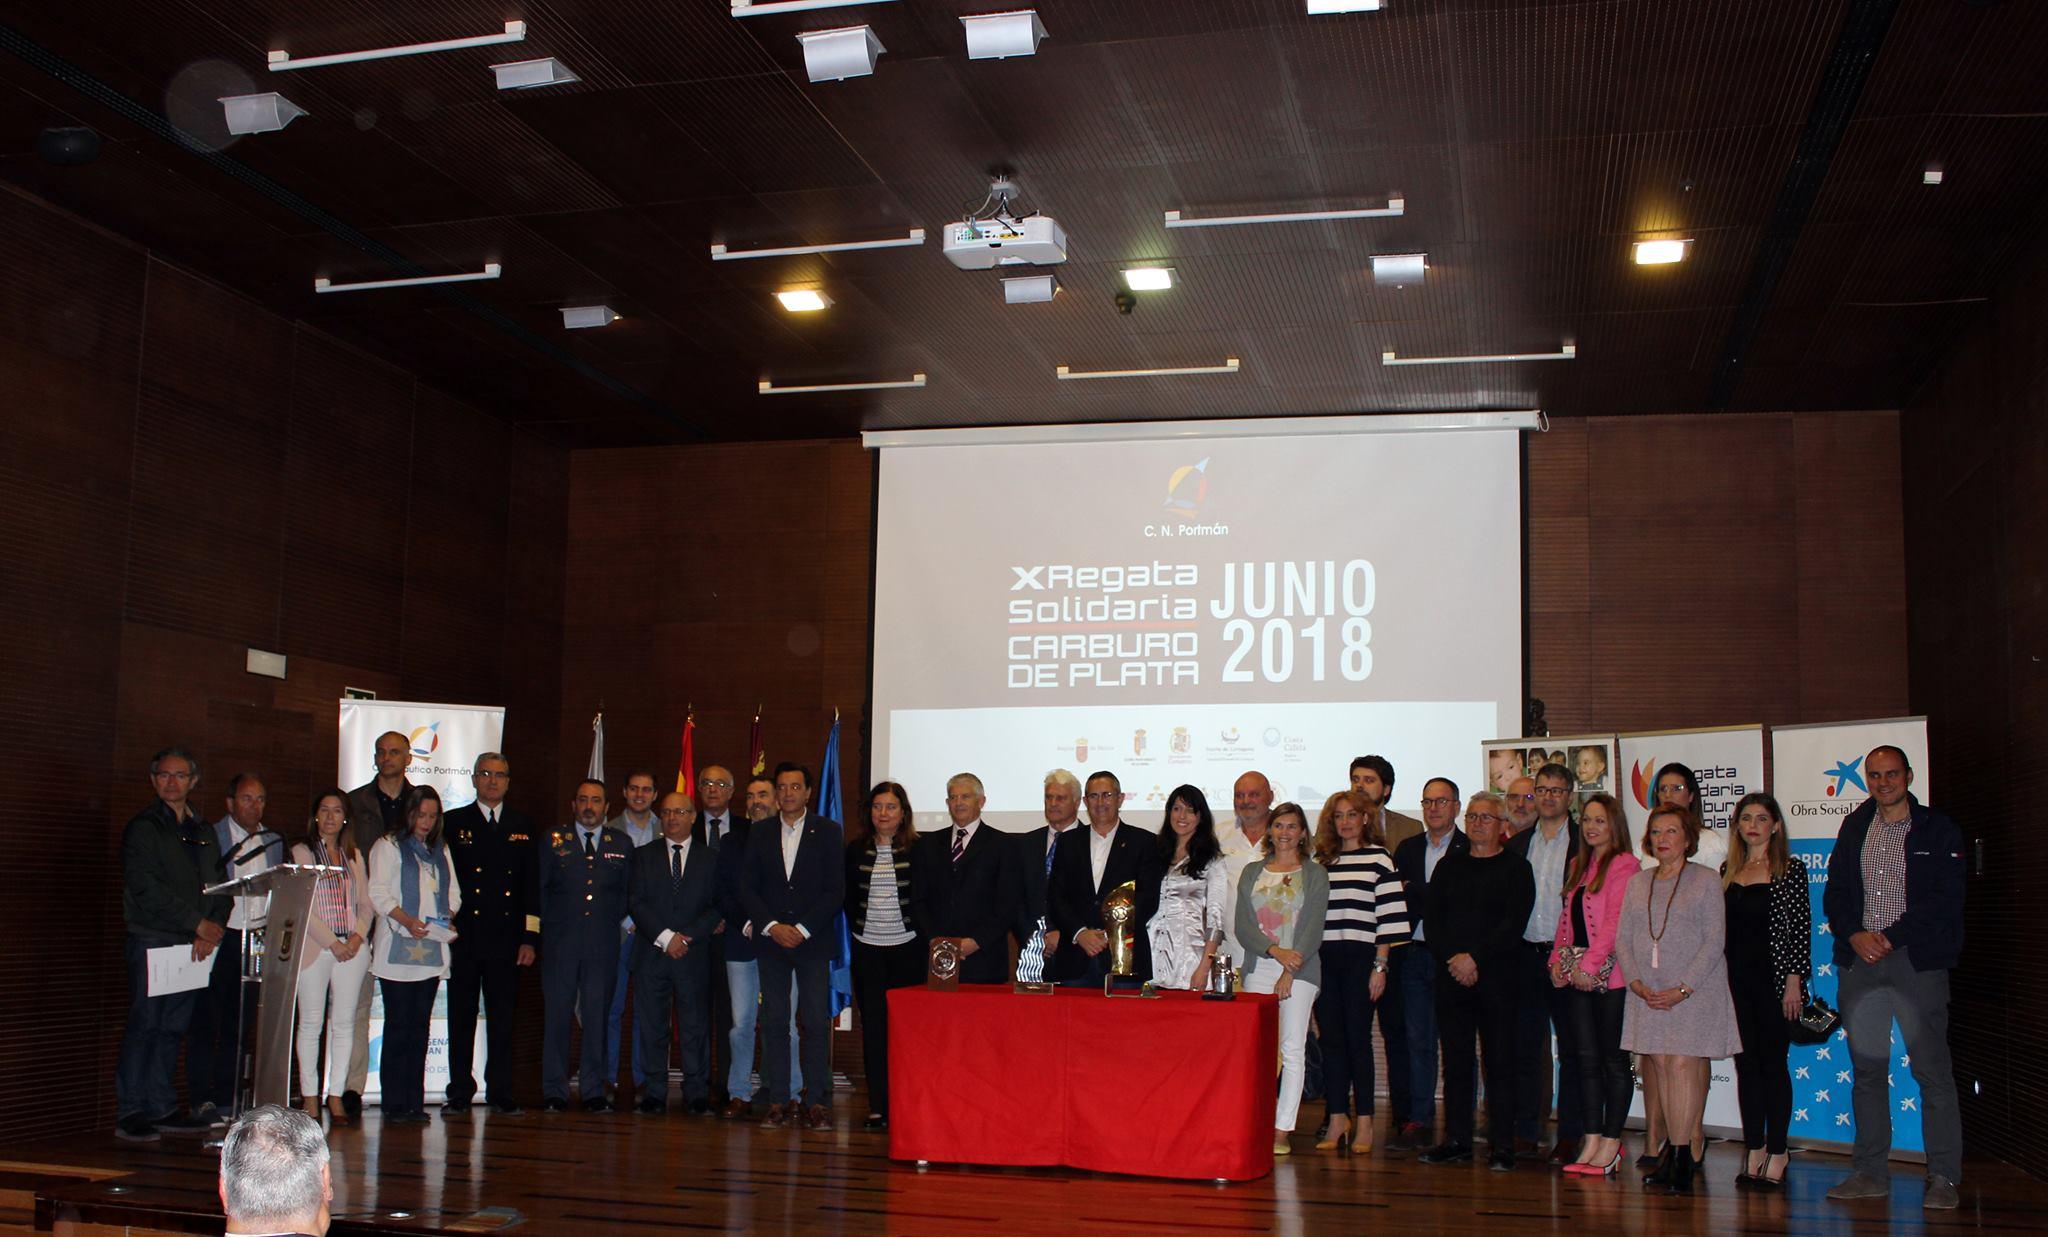 Presentación «X Regata Carburo de Plata», conSomos NupaenAyuntamiento de La Unión